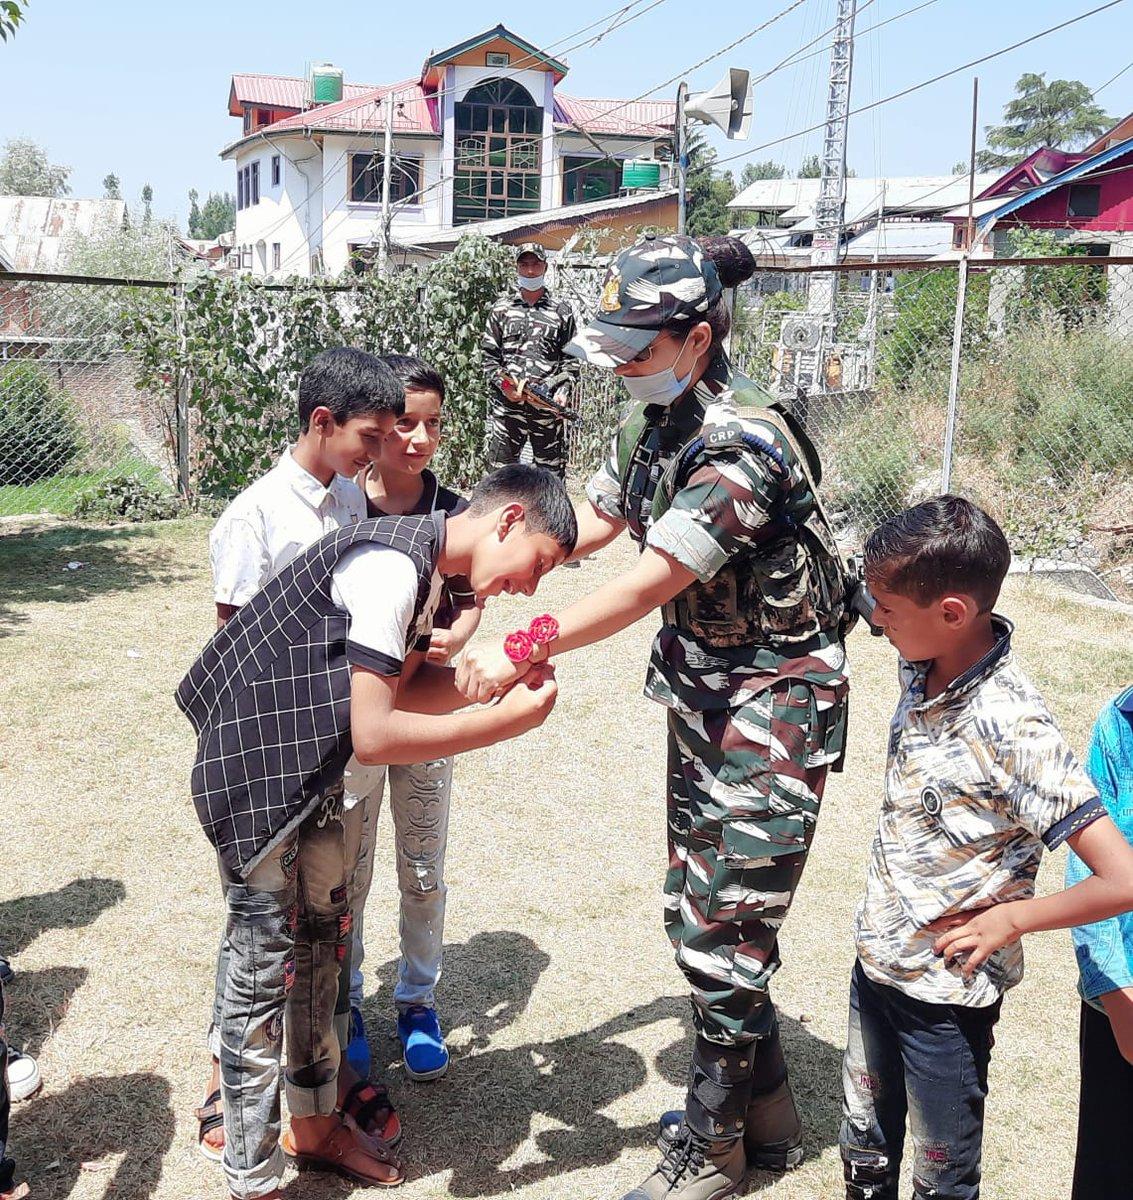 ये सिर्फ़ रसम नहीं, कसम है जीवनपर्यंत सुरक्षा की।  समस्त देशवासियों को रक्षाबंधन की हार्दिक शुभकामनाएं।  #CRPF #देश_के_रक्षक